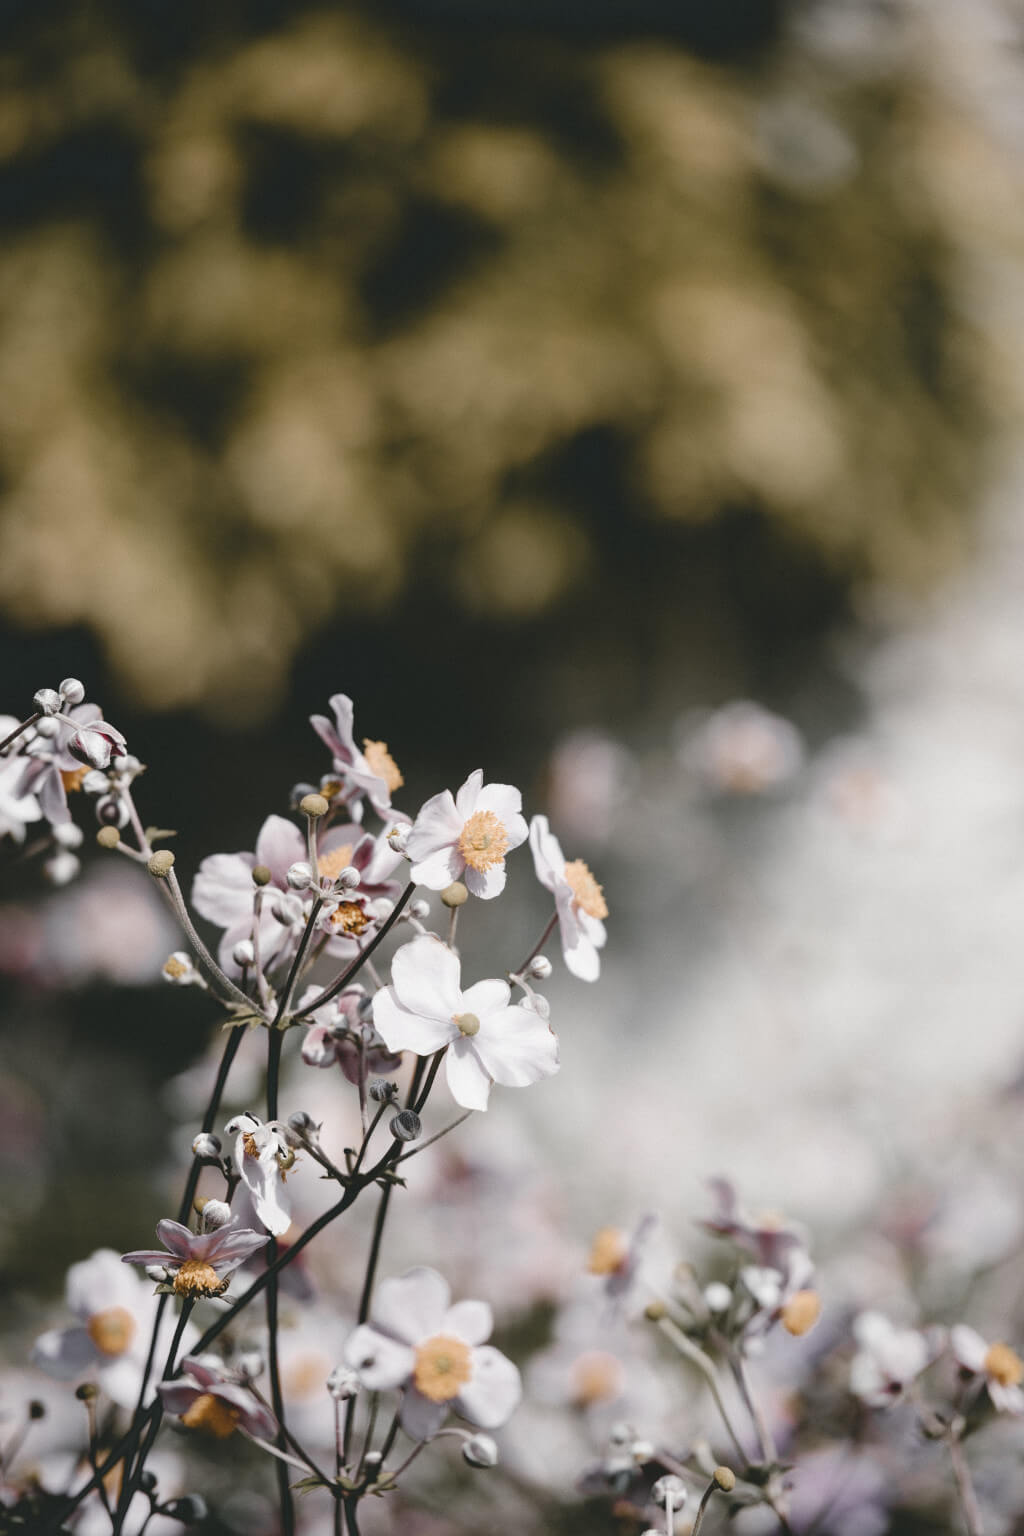 Sommer SOnne Sonnenschein Wochenrückblick Blumen Garten tantedine